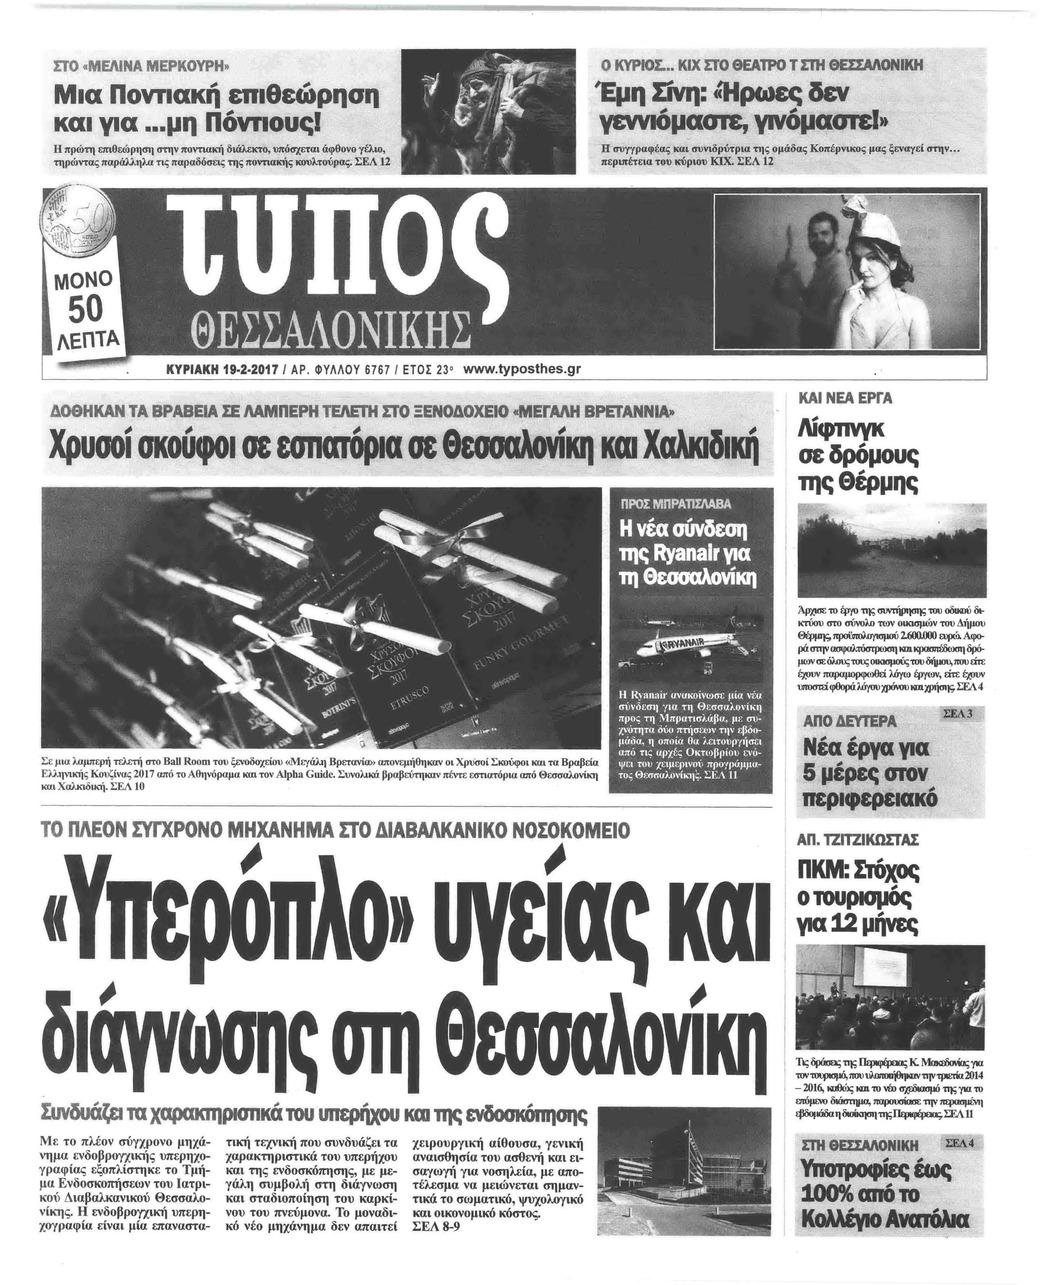 Τύπος Θεσσαλονίκης πρωτοσέλιδο εφημερίδας 20 02 17 16264e7d3d0